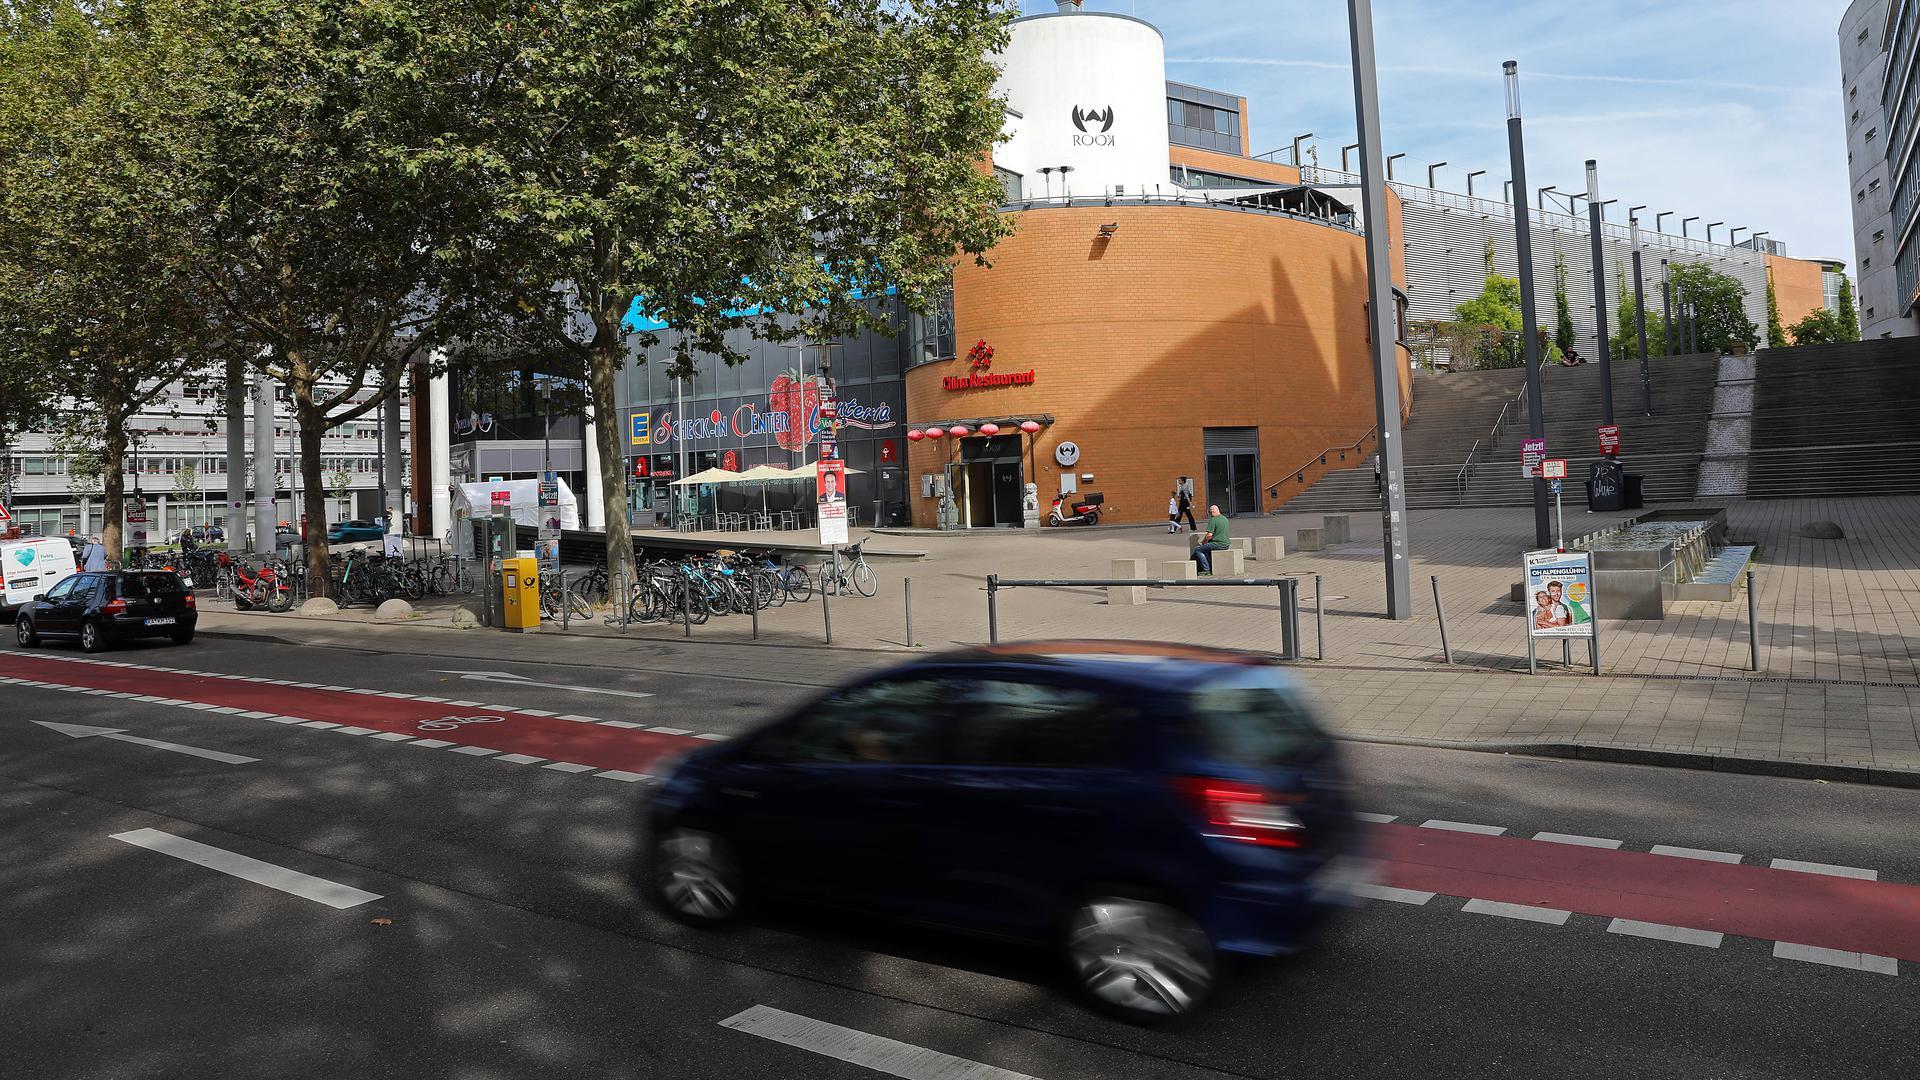 Zentraler Anlaufpunkt: Der Bereich rund um den Mendelssohnplatz sowie die Kreuzung Ludwig-Erhard-Allee/Kapellenstraße sind besonders betroffen.